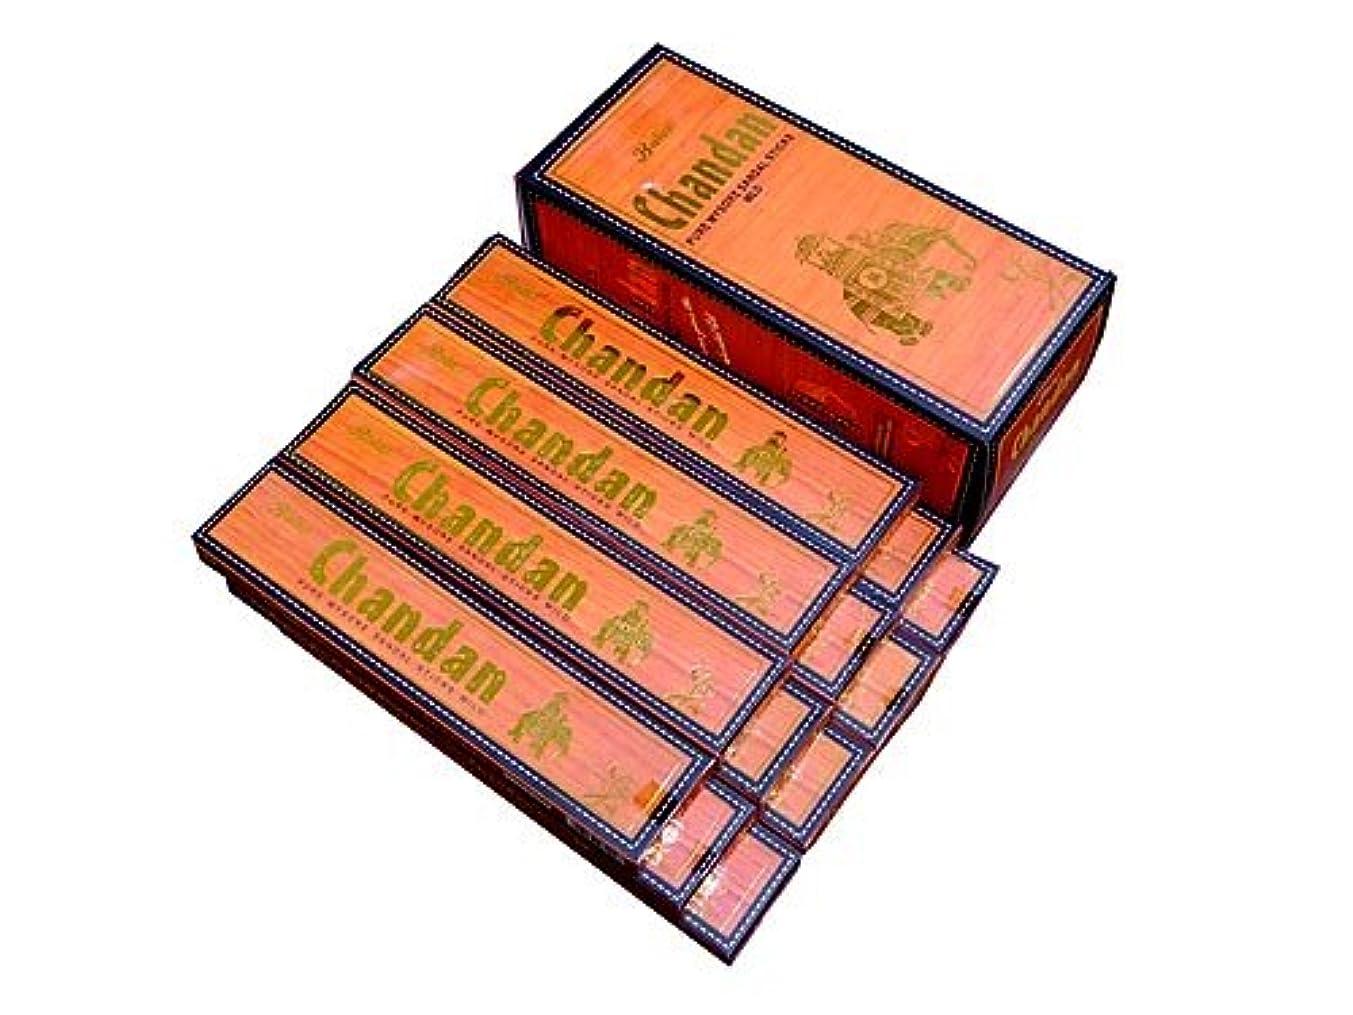 レタスただ合図BALAJI(バラルジ) チャンダン香 スティック CHANDAN 12箱セット